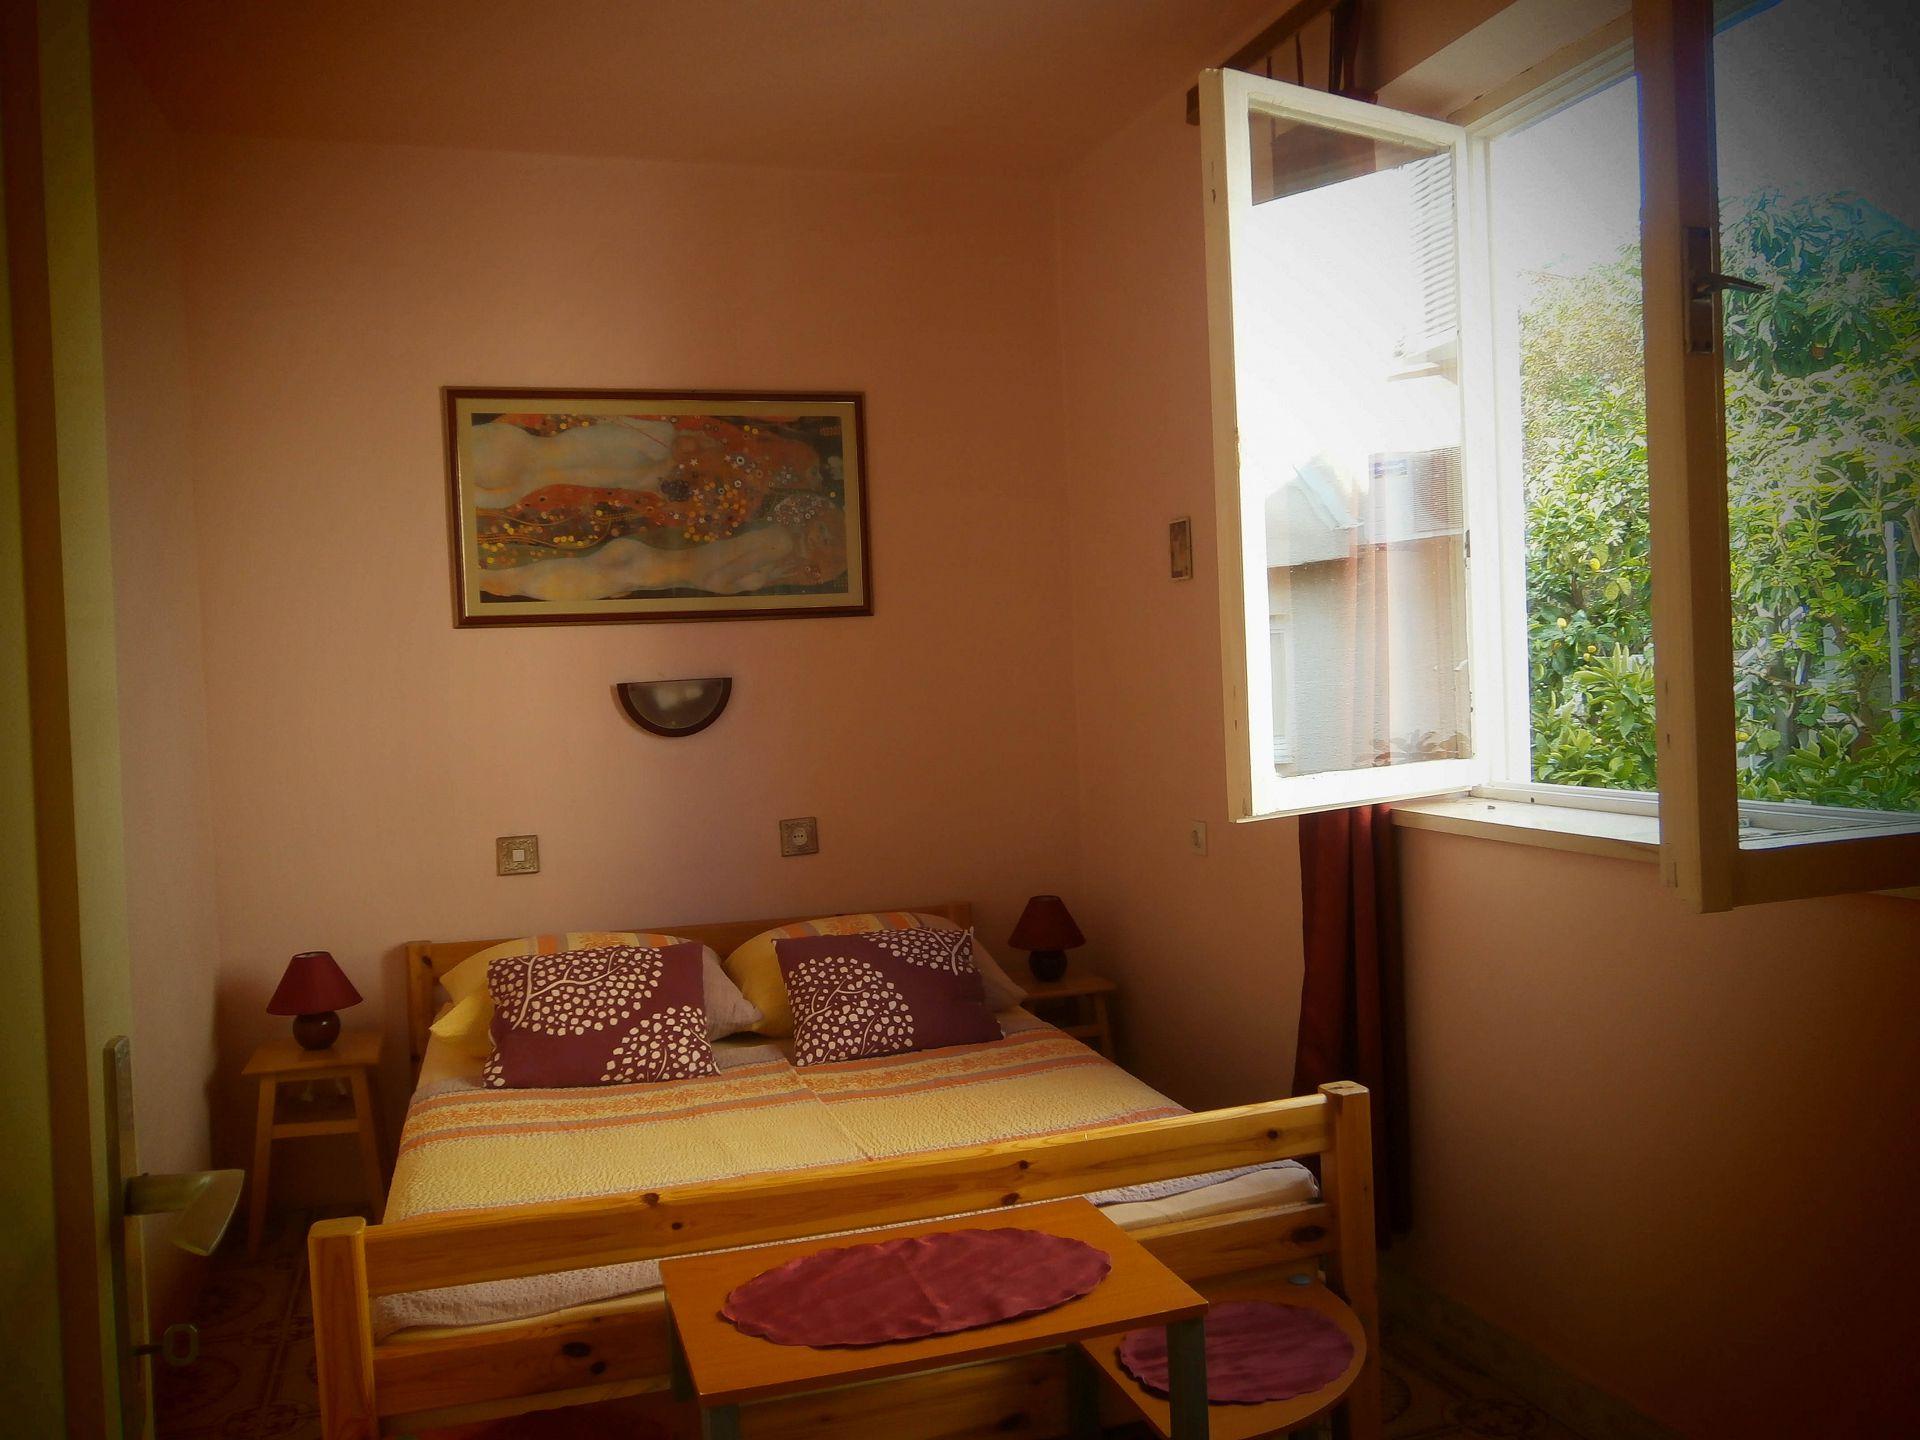 4981  - Jelsa - Appartementen Kroatië - A1(2+2): slaapkamer